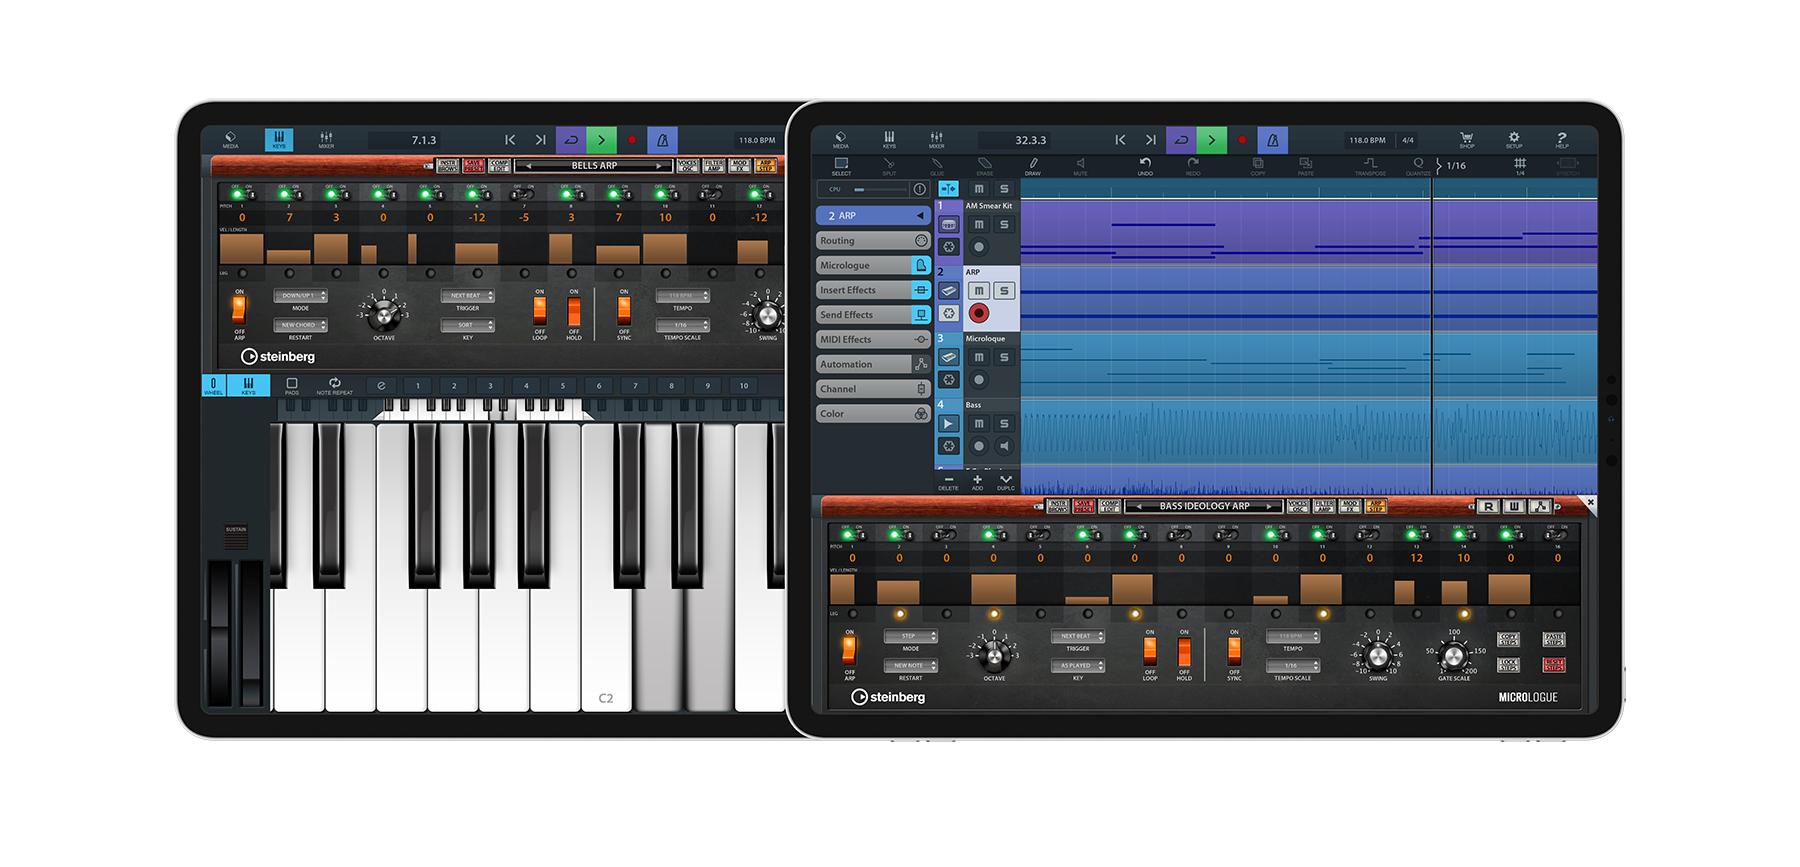 News: Steinberg veröffentlicht Musikproduktions-App Cubasis 2.7